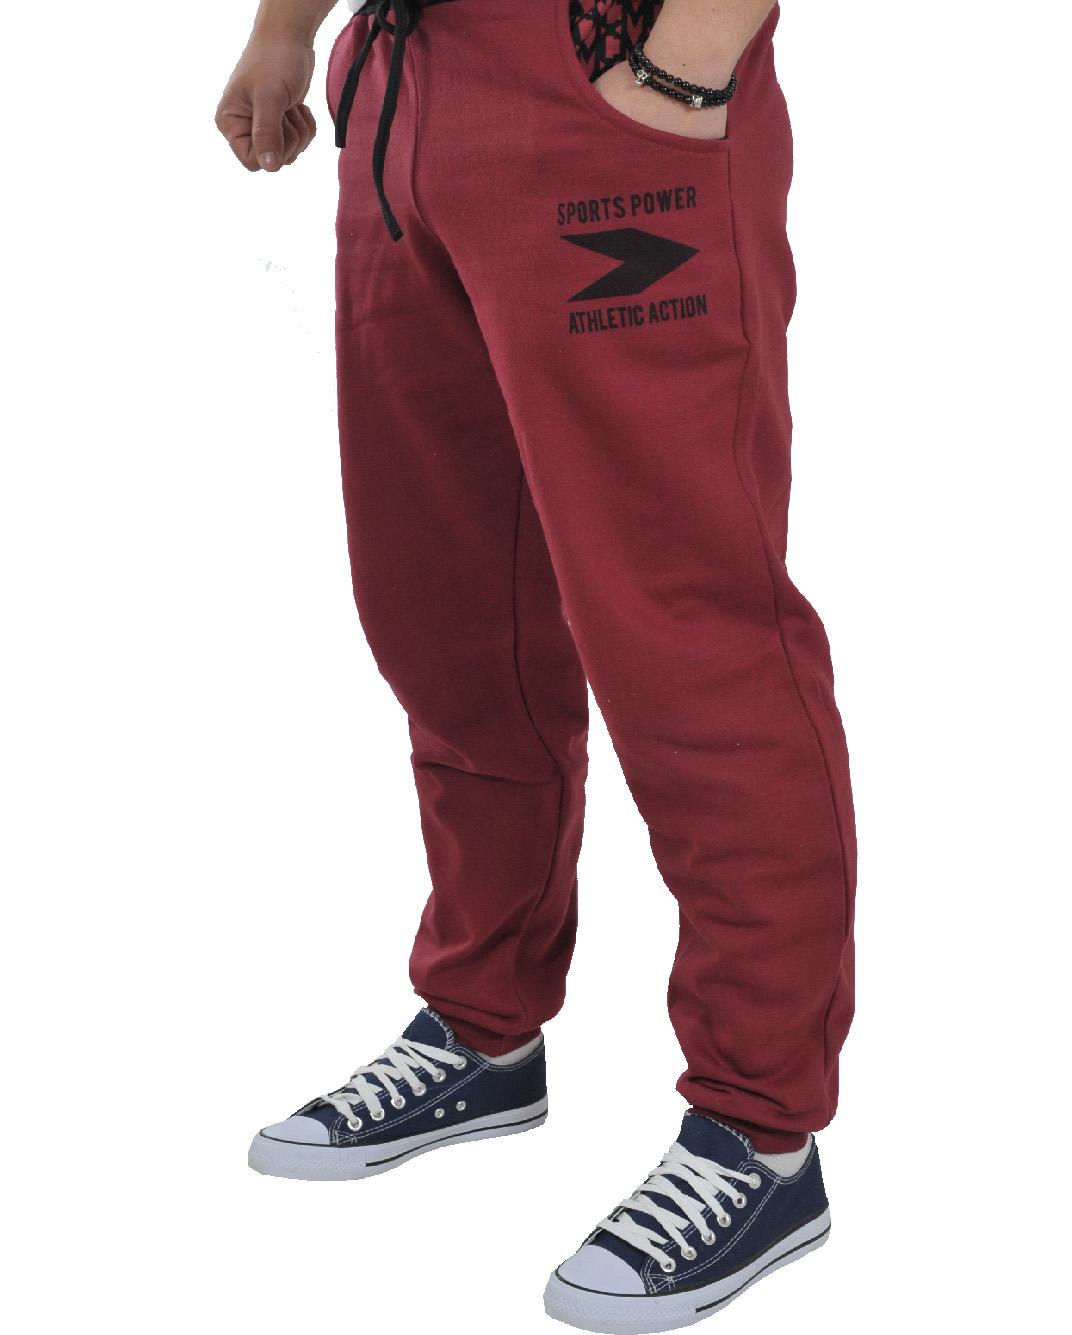 Ανδρική Φόρμα Becasual Sports Power-Μπορντό αρχική ανδρικά ρούχα φόρμες